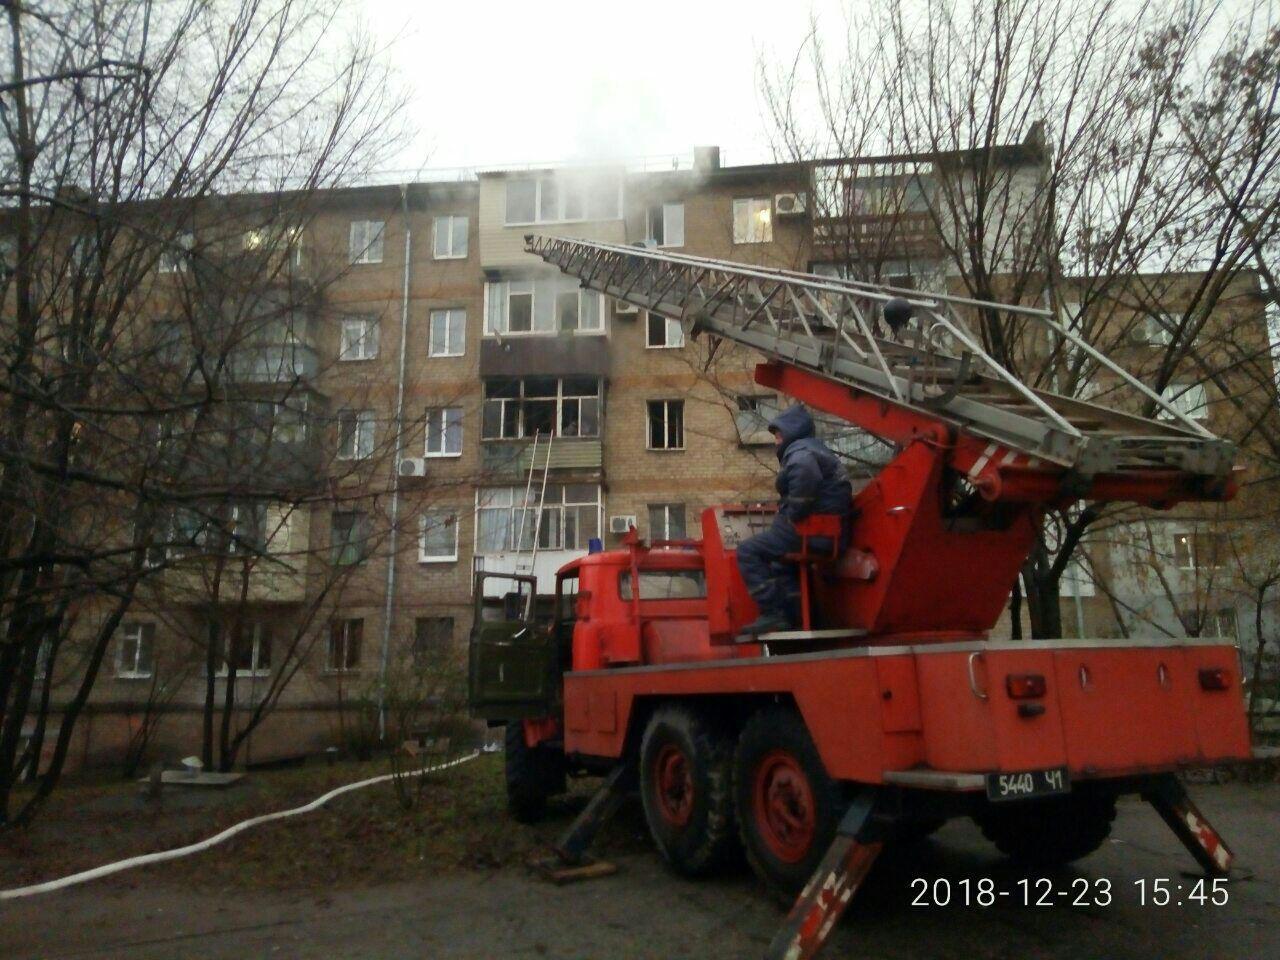 Во время пожара в центре Запорожья огнеборцы спасли четырех человек и собаку - ФОТО